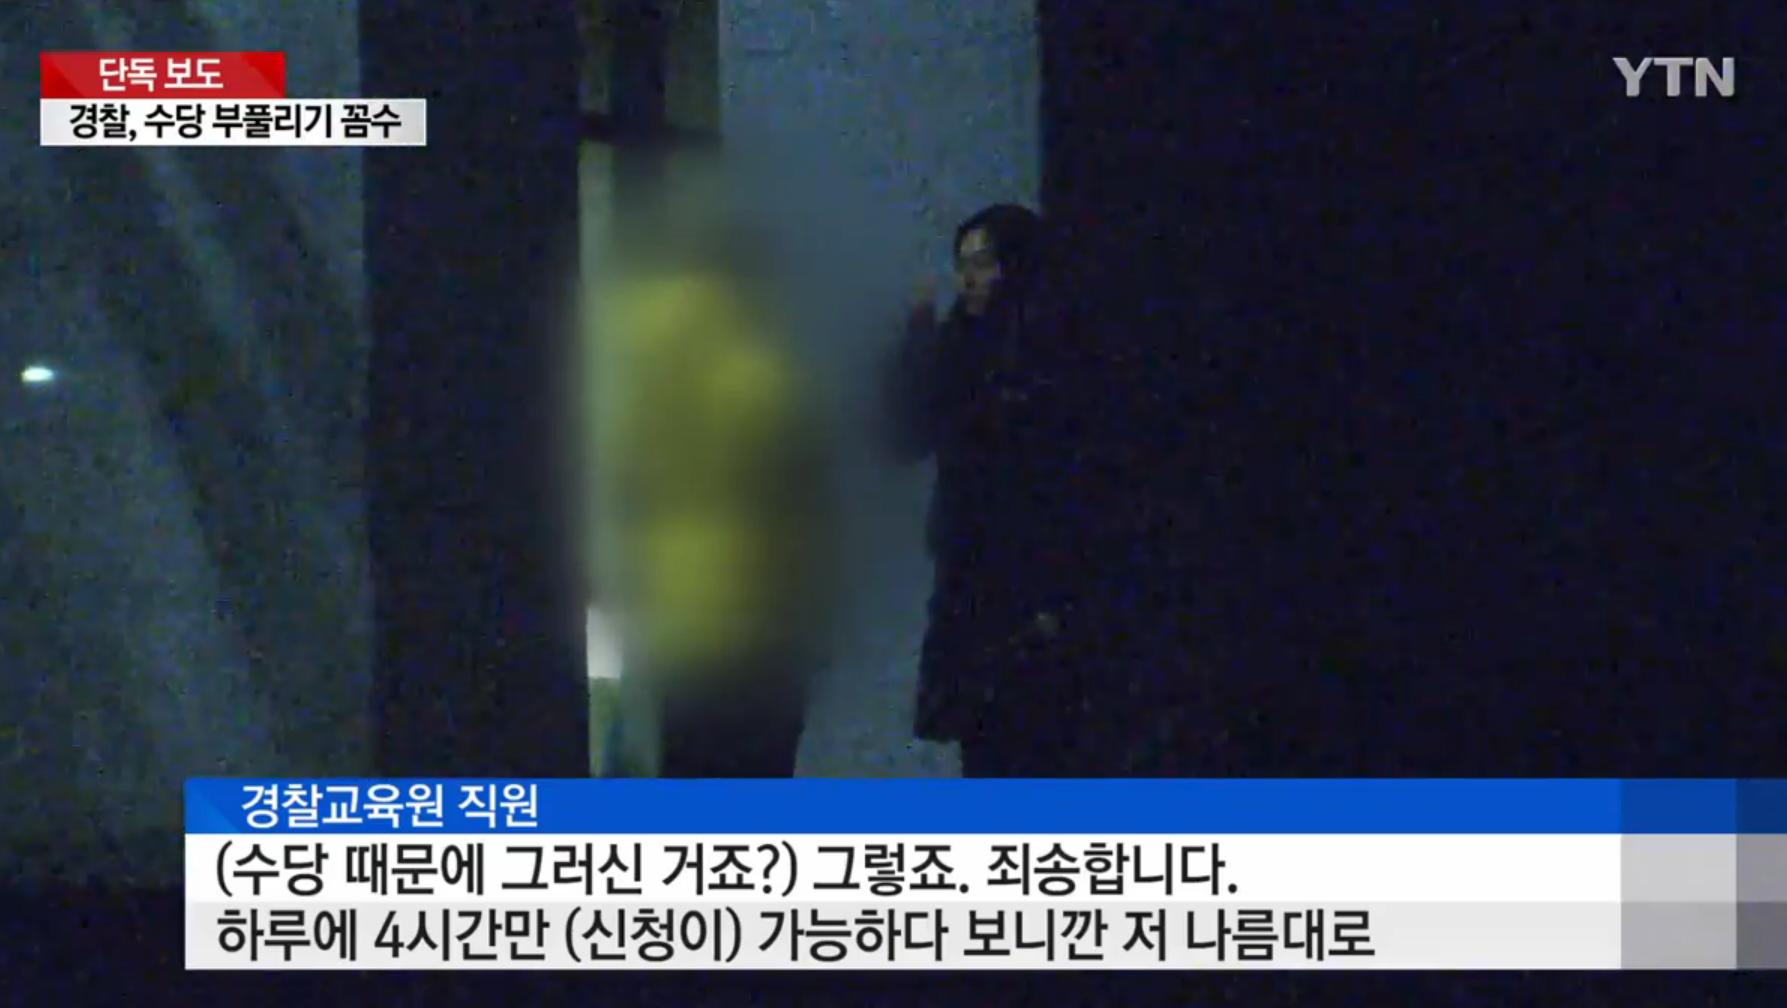 아산 경찰교육원 초과수당 조작 사태